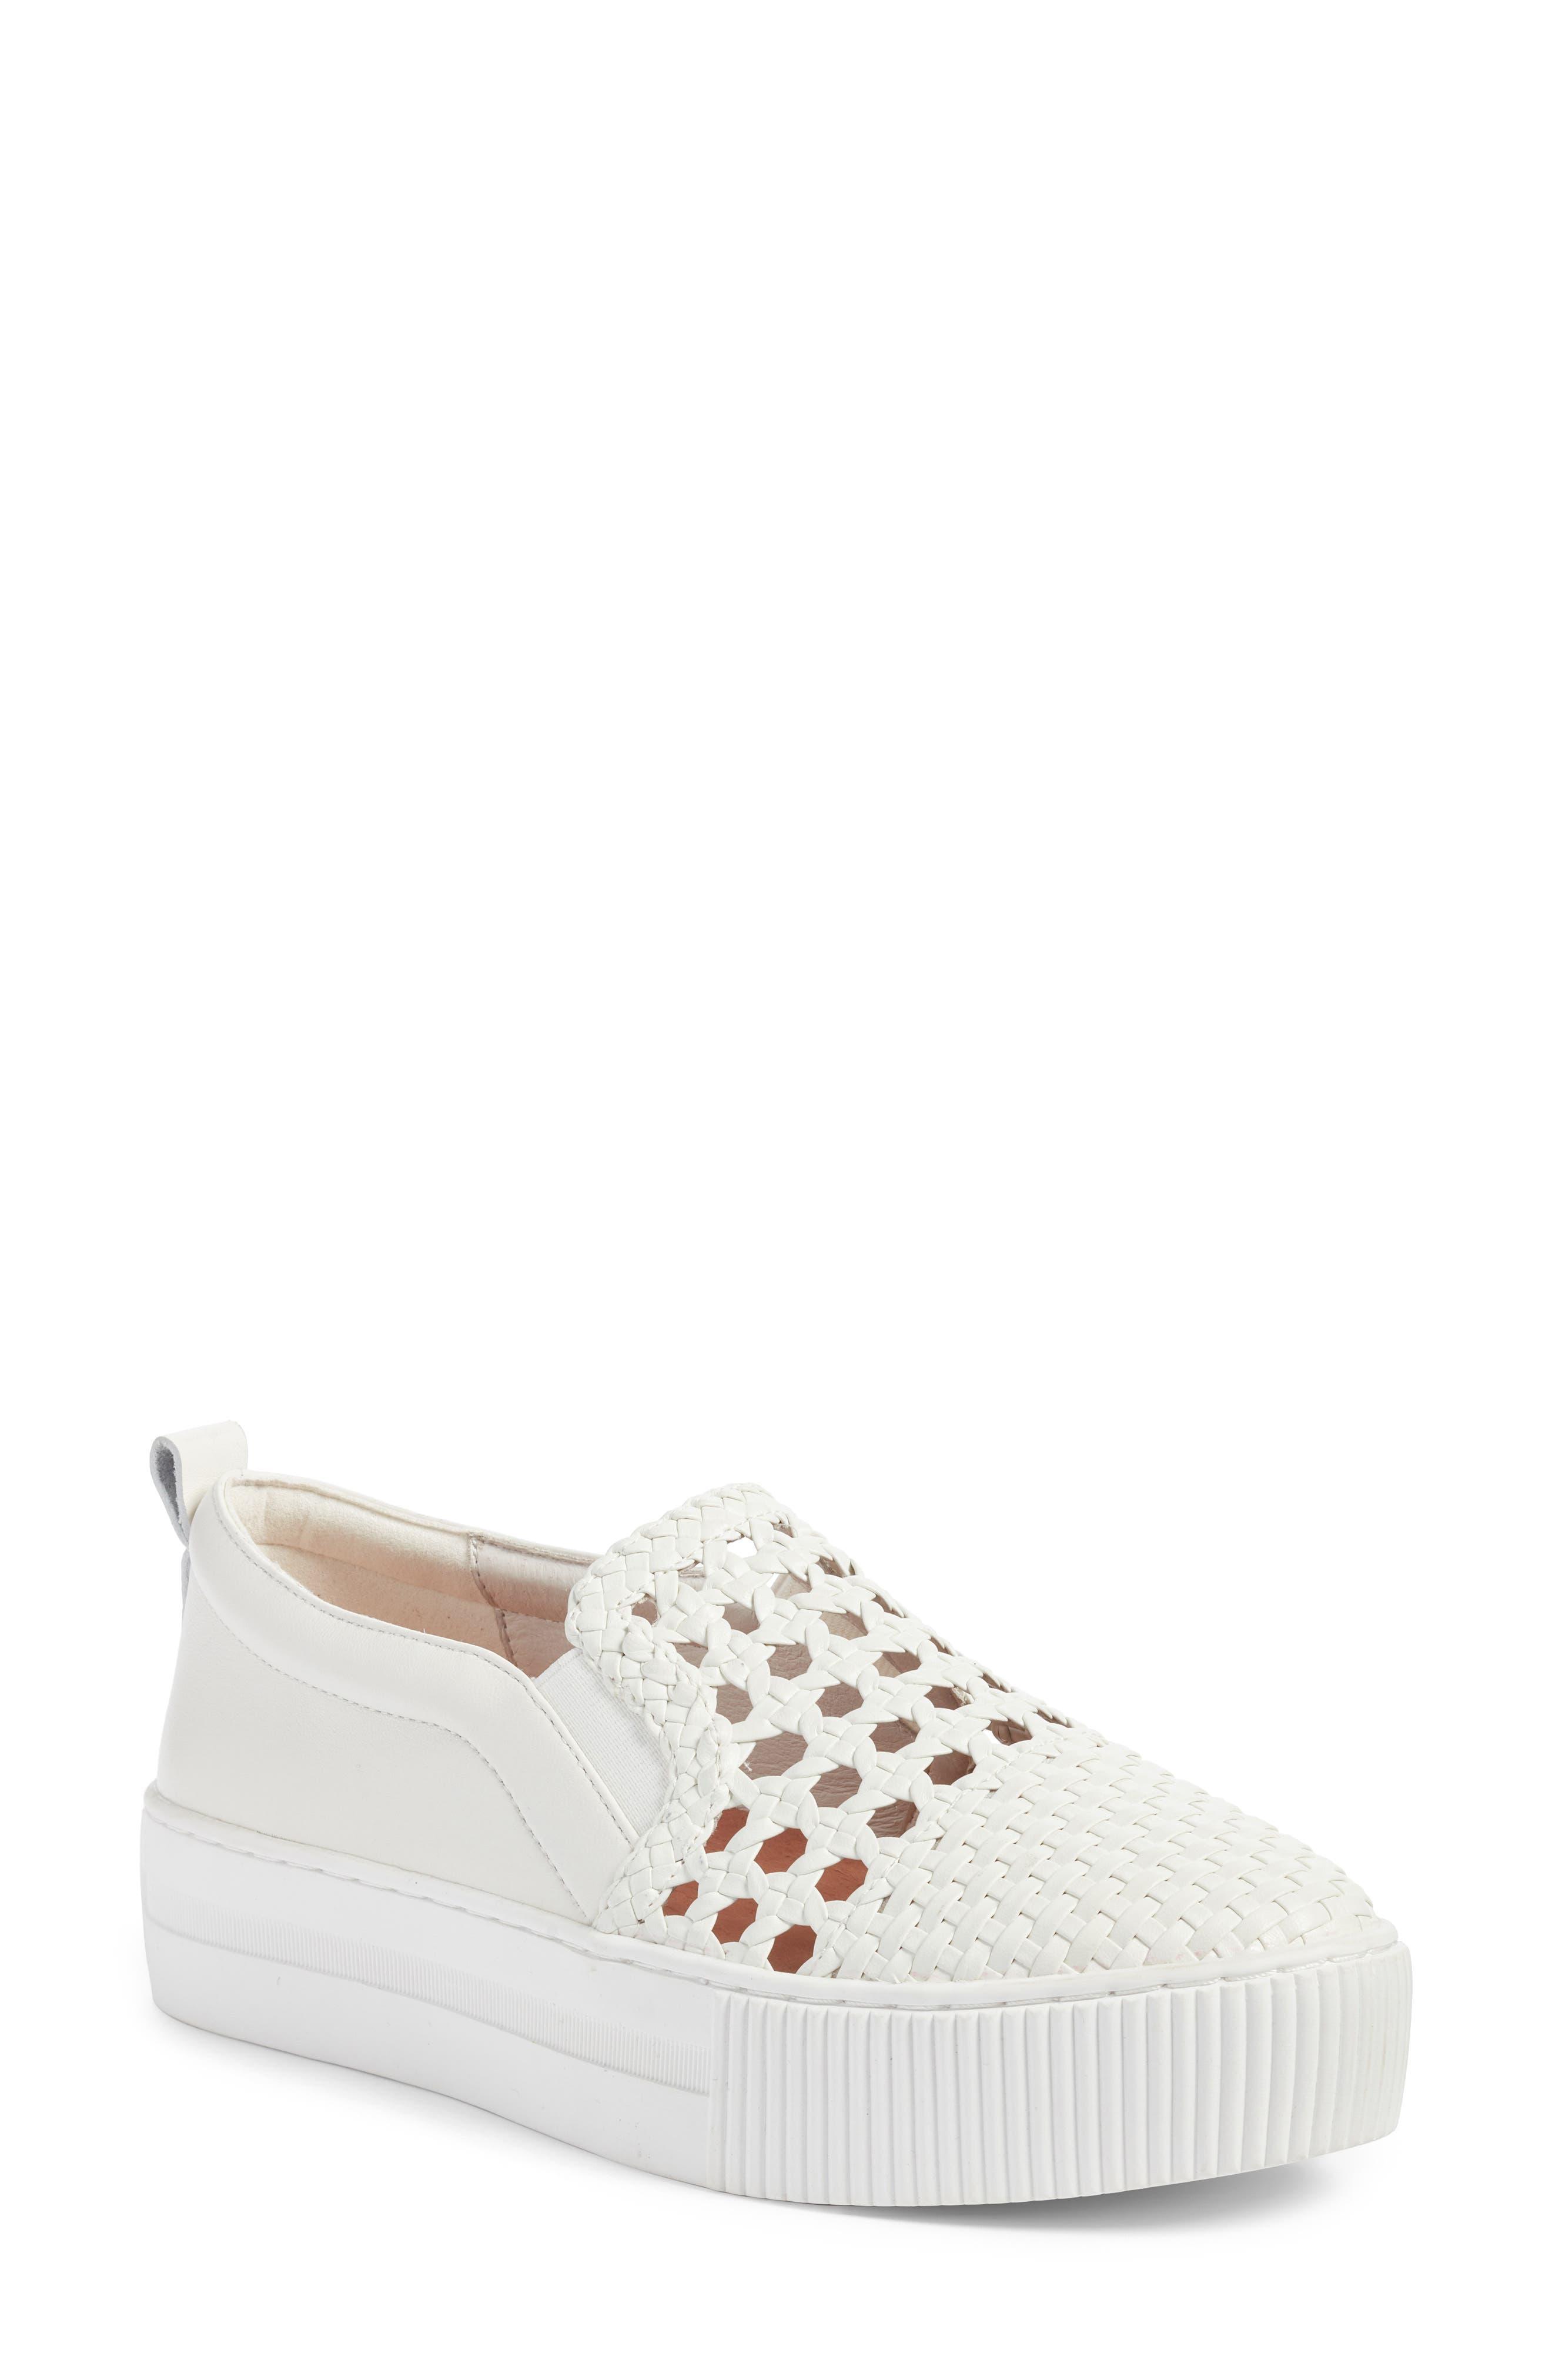 Baylee Slip-On Sneaker,                         Main,                         color, WHITE WOVEN